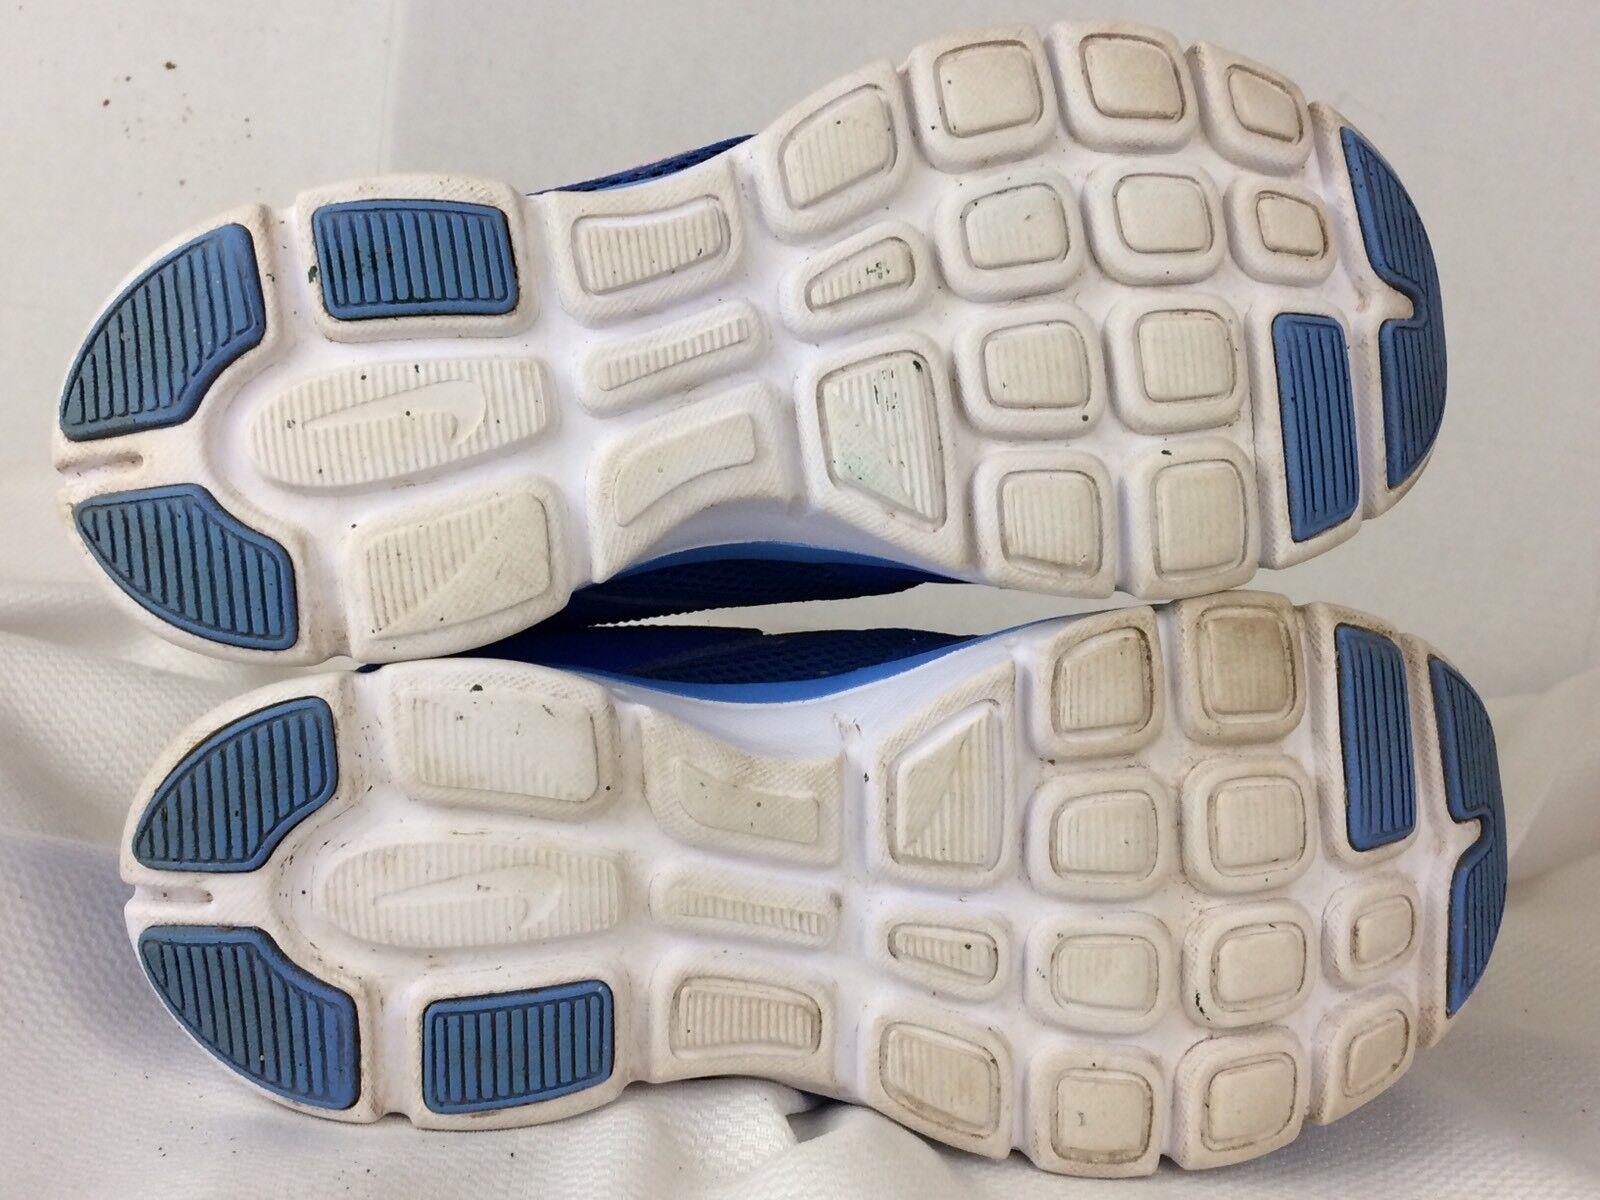 newest collection fd8cb 5d506 ... Nike Presto Fly Fly Fly Gs Scarpe Sport Tempo Libero da Ginnastica  Rosso Nero 913966-